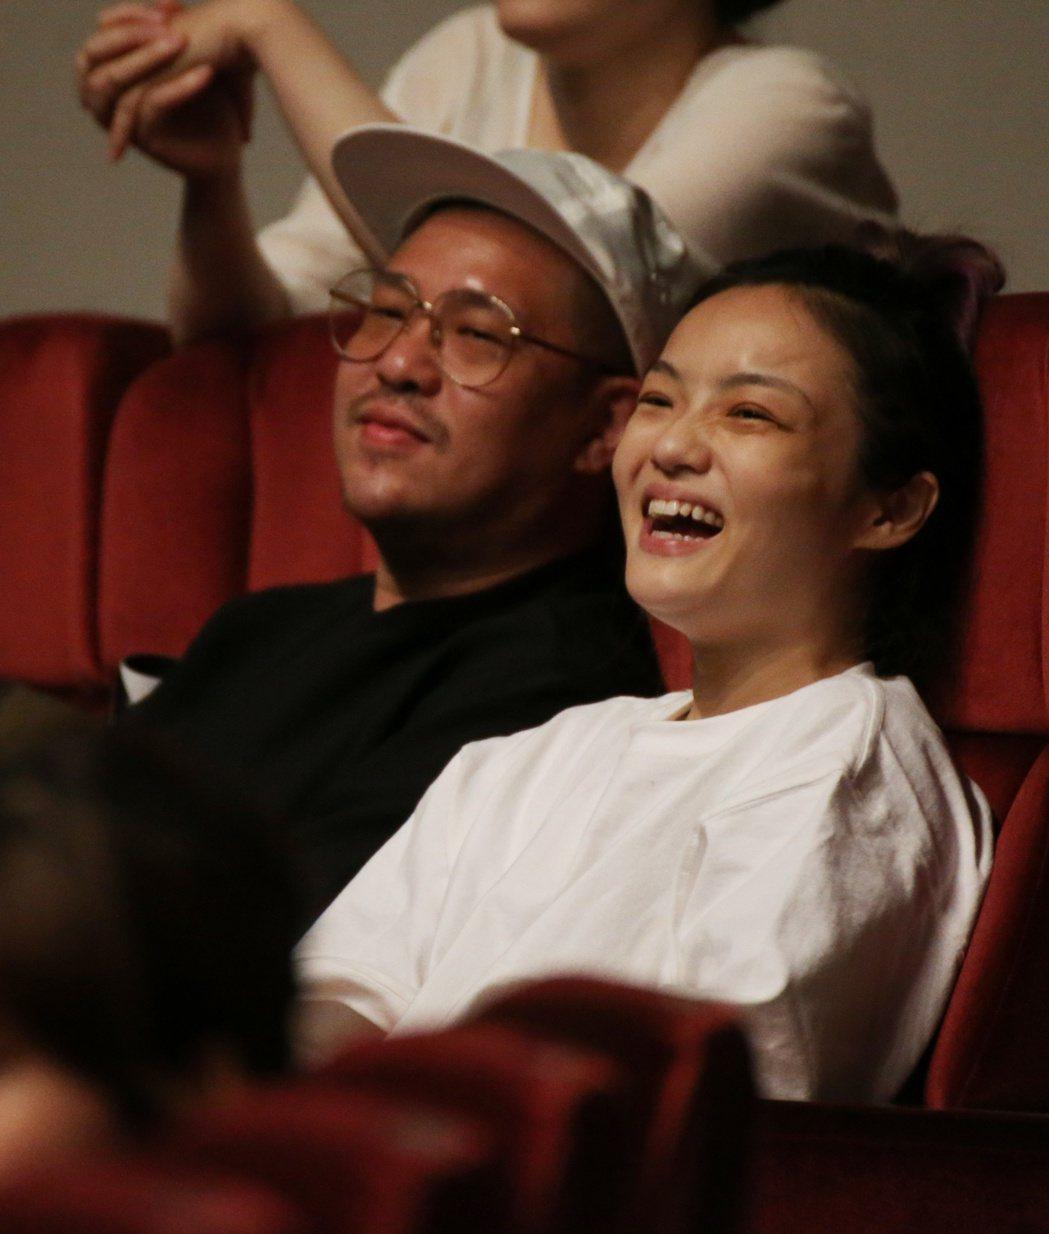 盧廣仲個人演唱會,徐佳瑩(右)與比爾賈(左)愛相隨到場欣賞。記者陳立凱/攝影